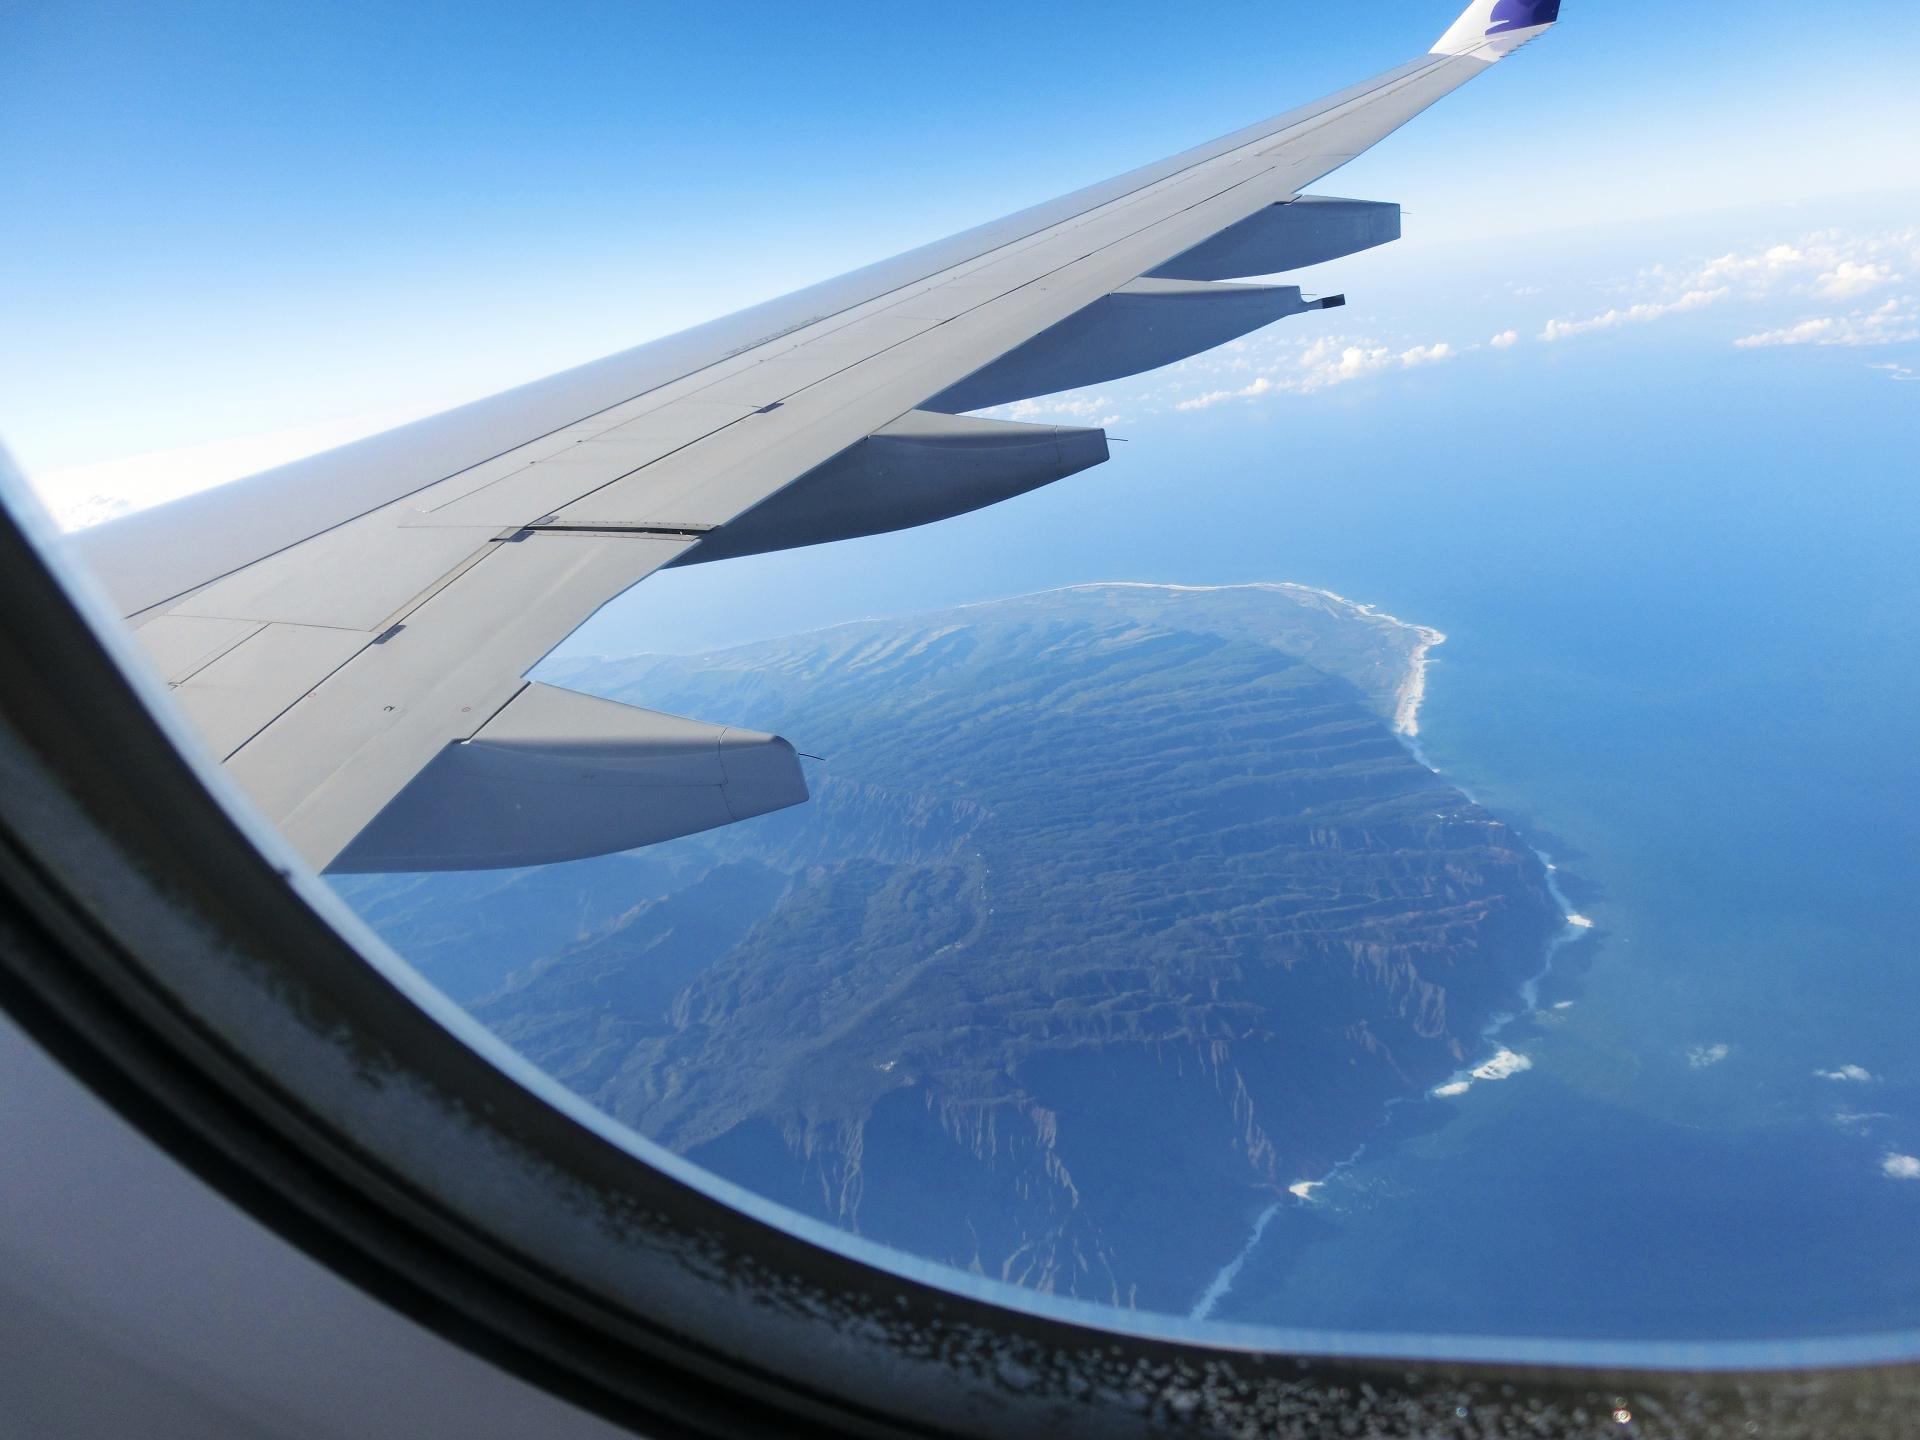 ハワイアン航空のマイレージと気になる機内食や座席